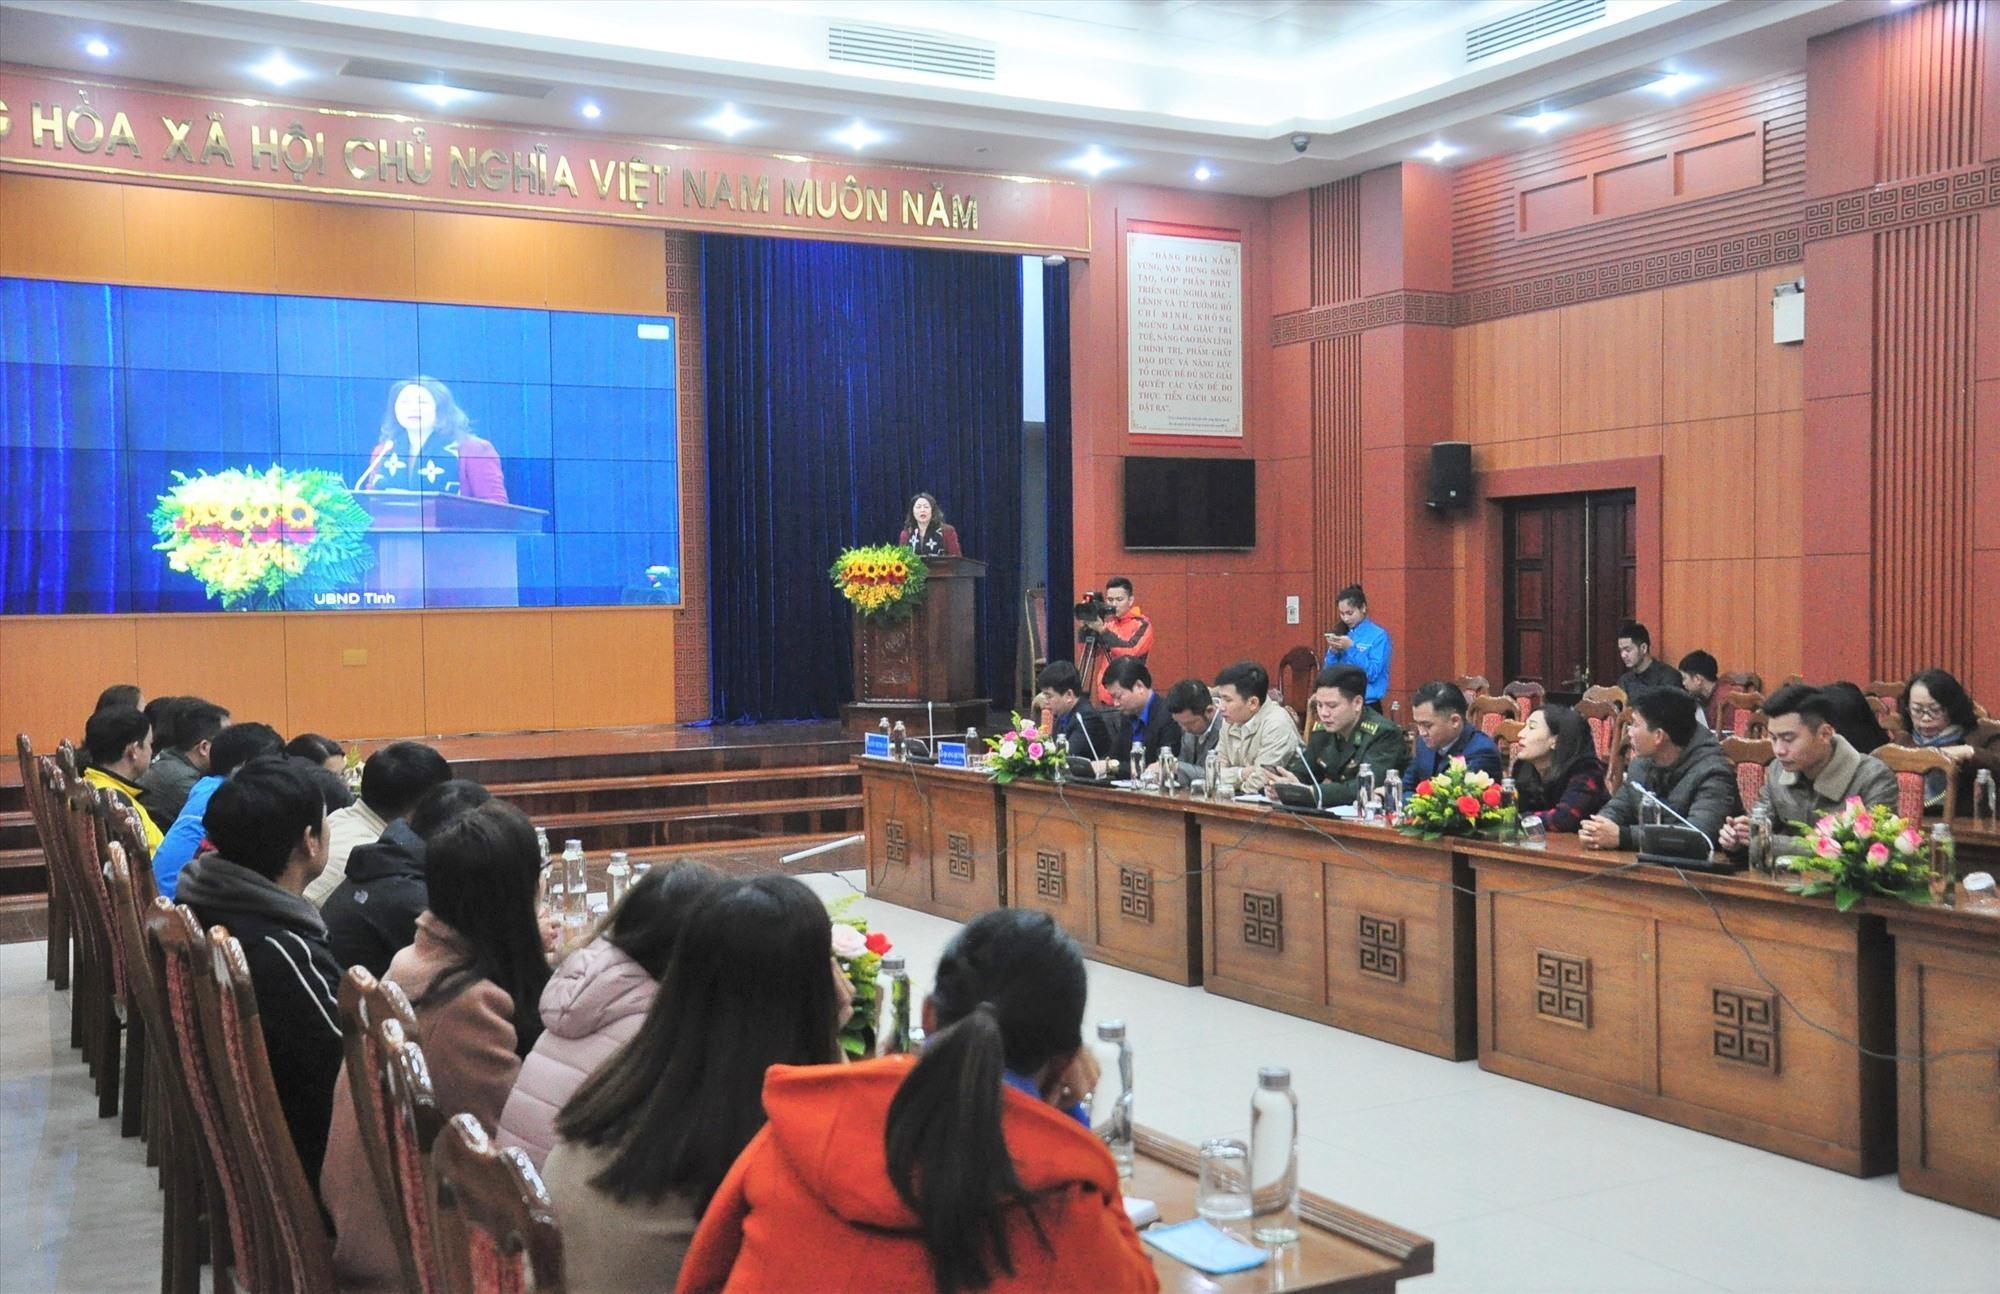 Các đại biểu tham gia học tập nghị quyết tại điểm cầu chính - UBND tỉnh. Ảnh: VINH ANH